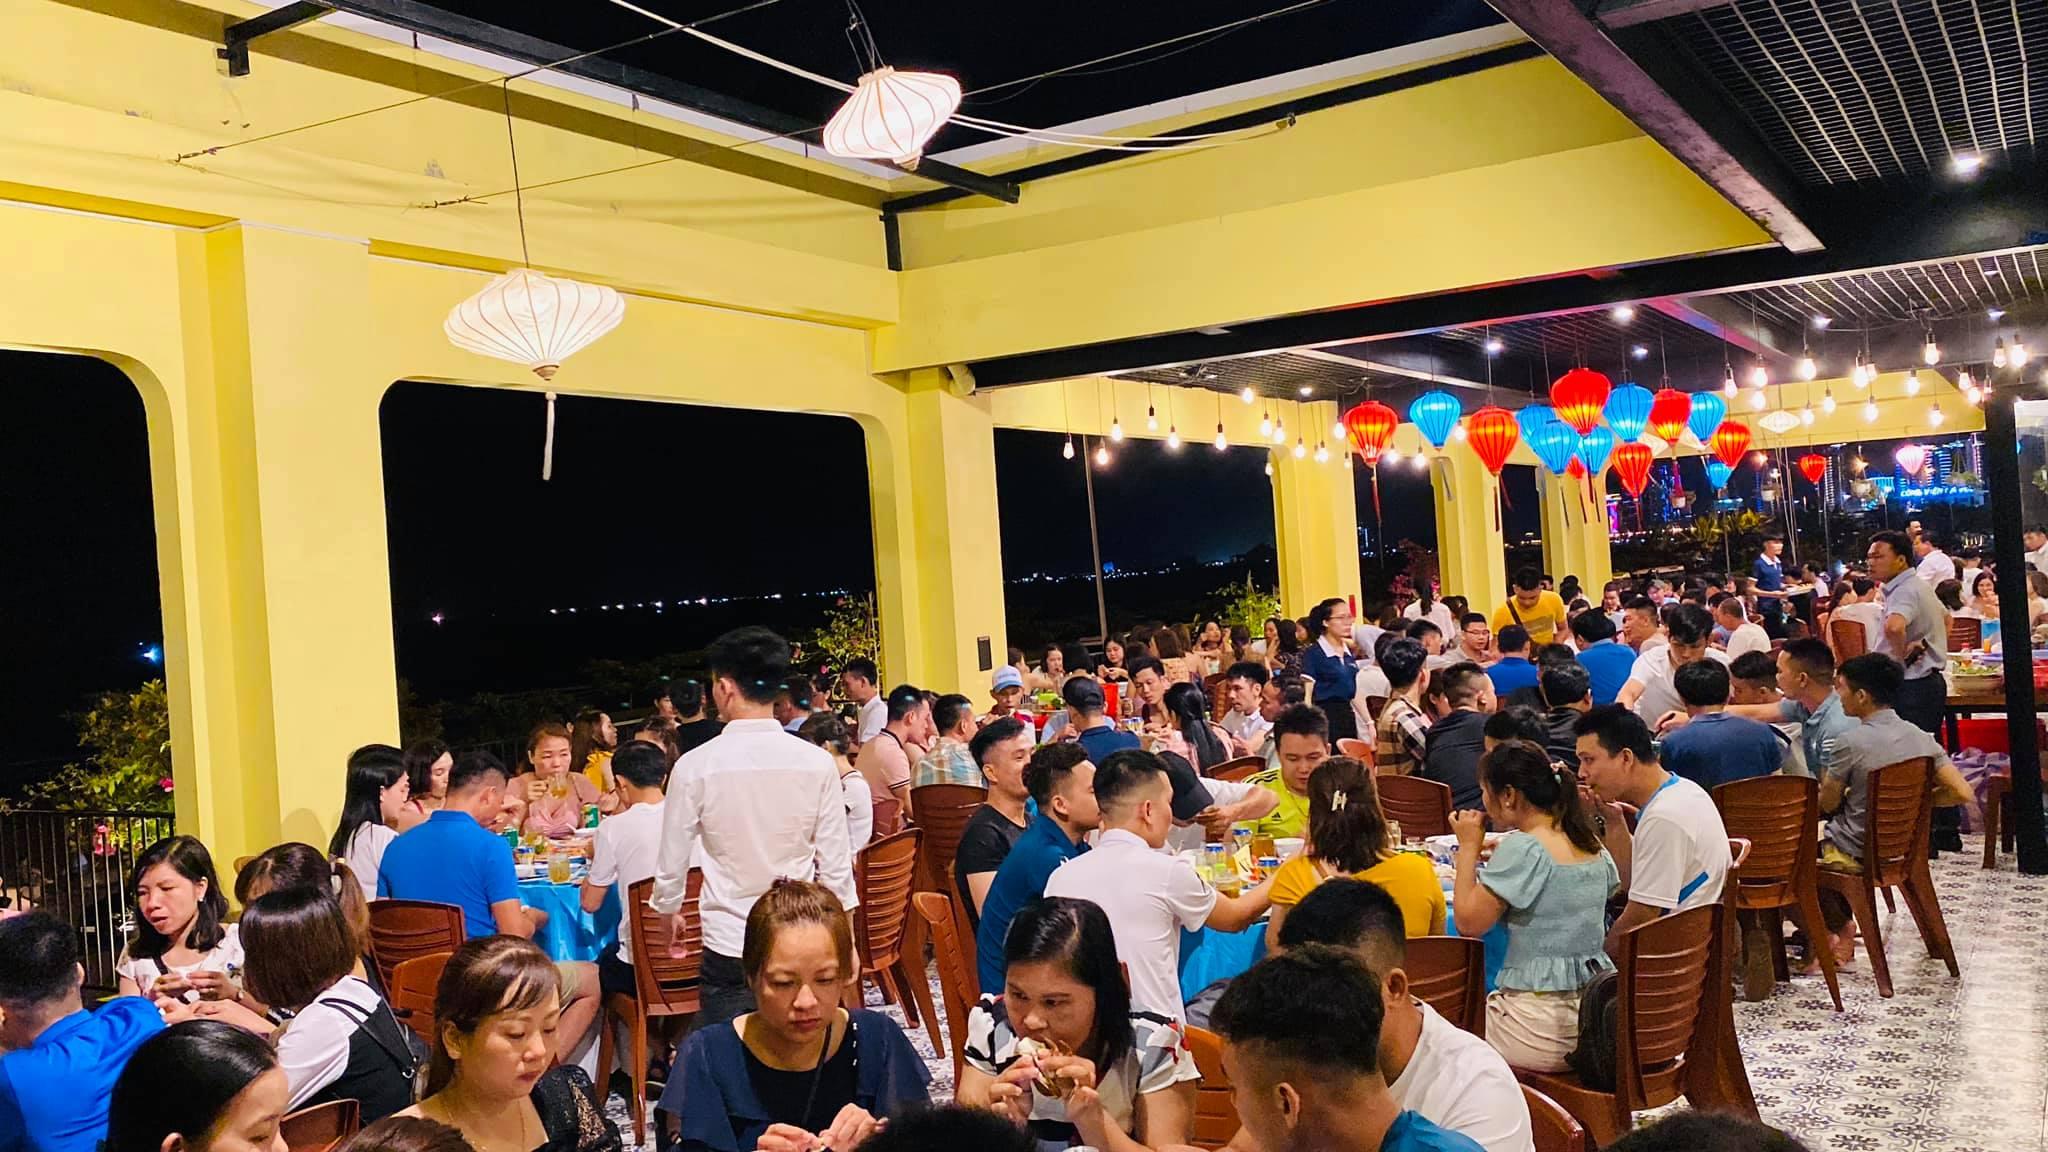 Nhà hàng trở thành địa điểm ăn hải sản tươi ngon, giá rẻ dành cho các gia đình, hội nhóm.